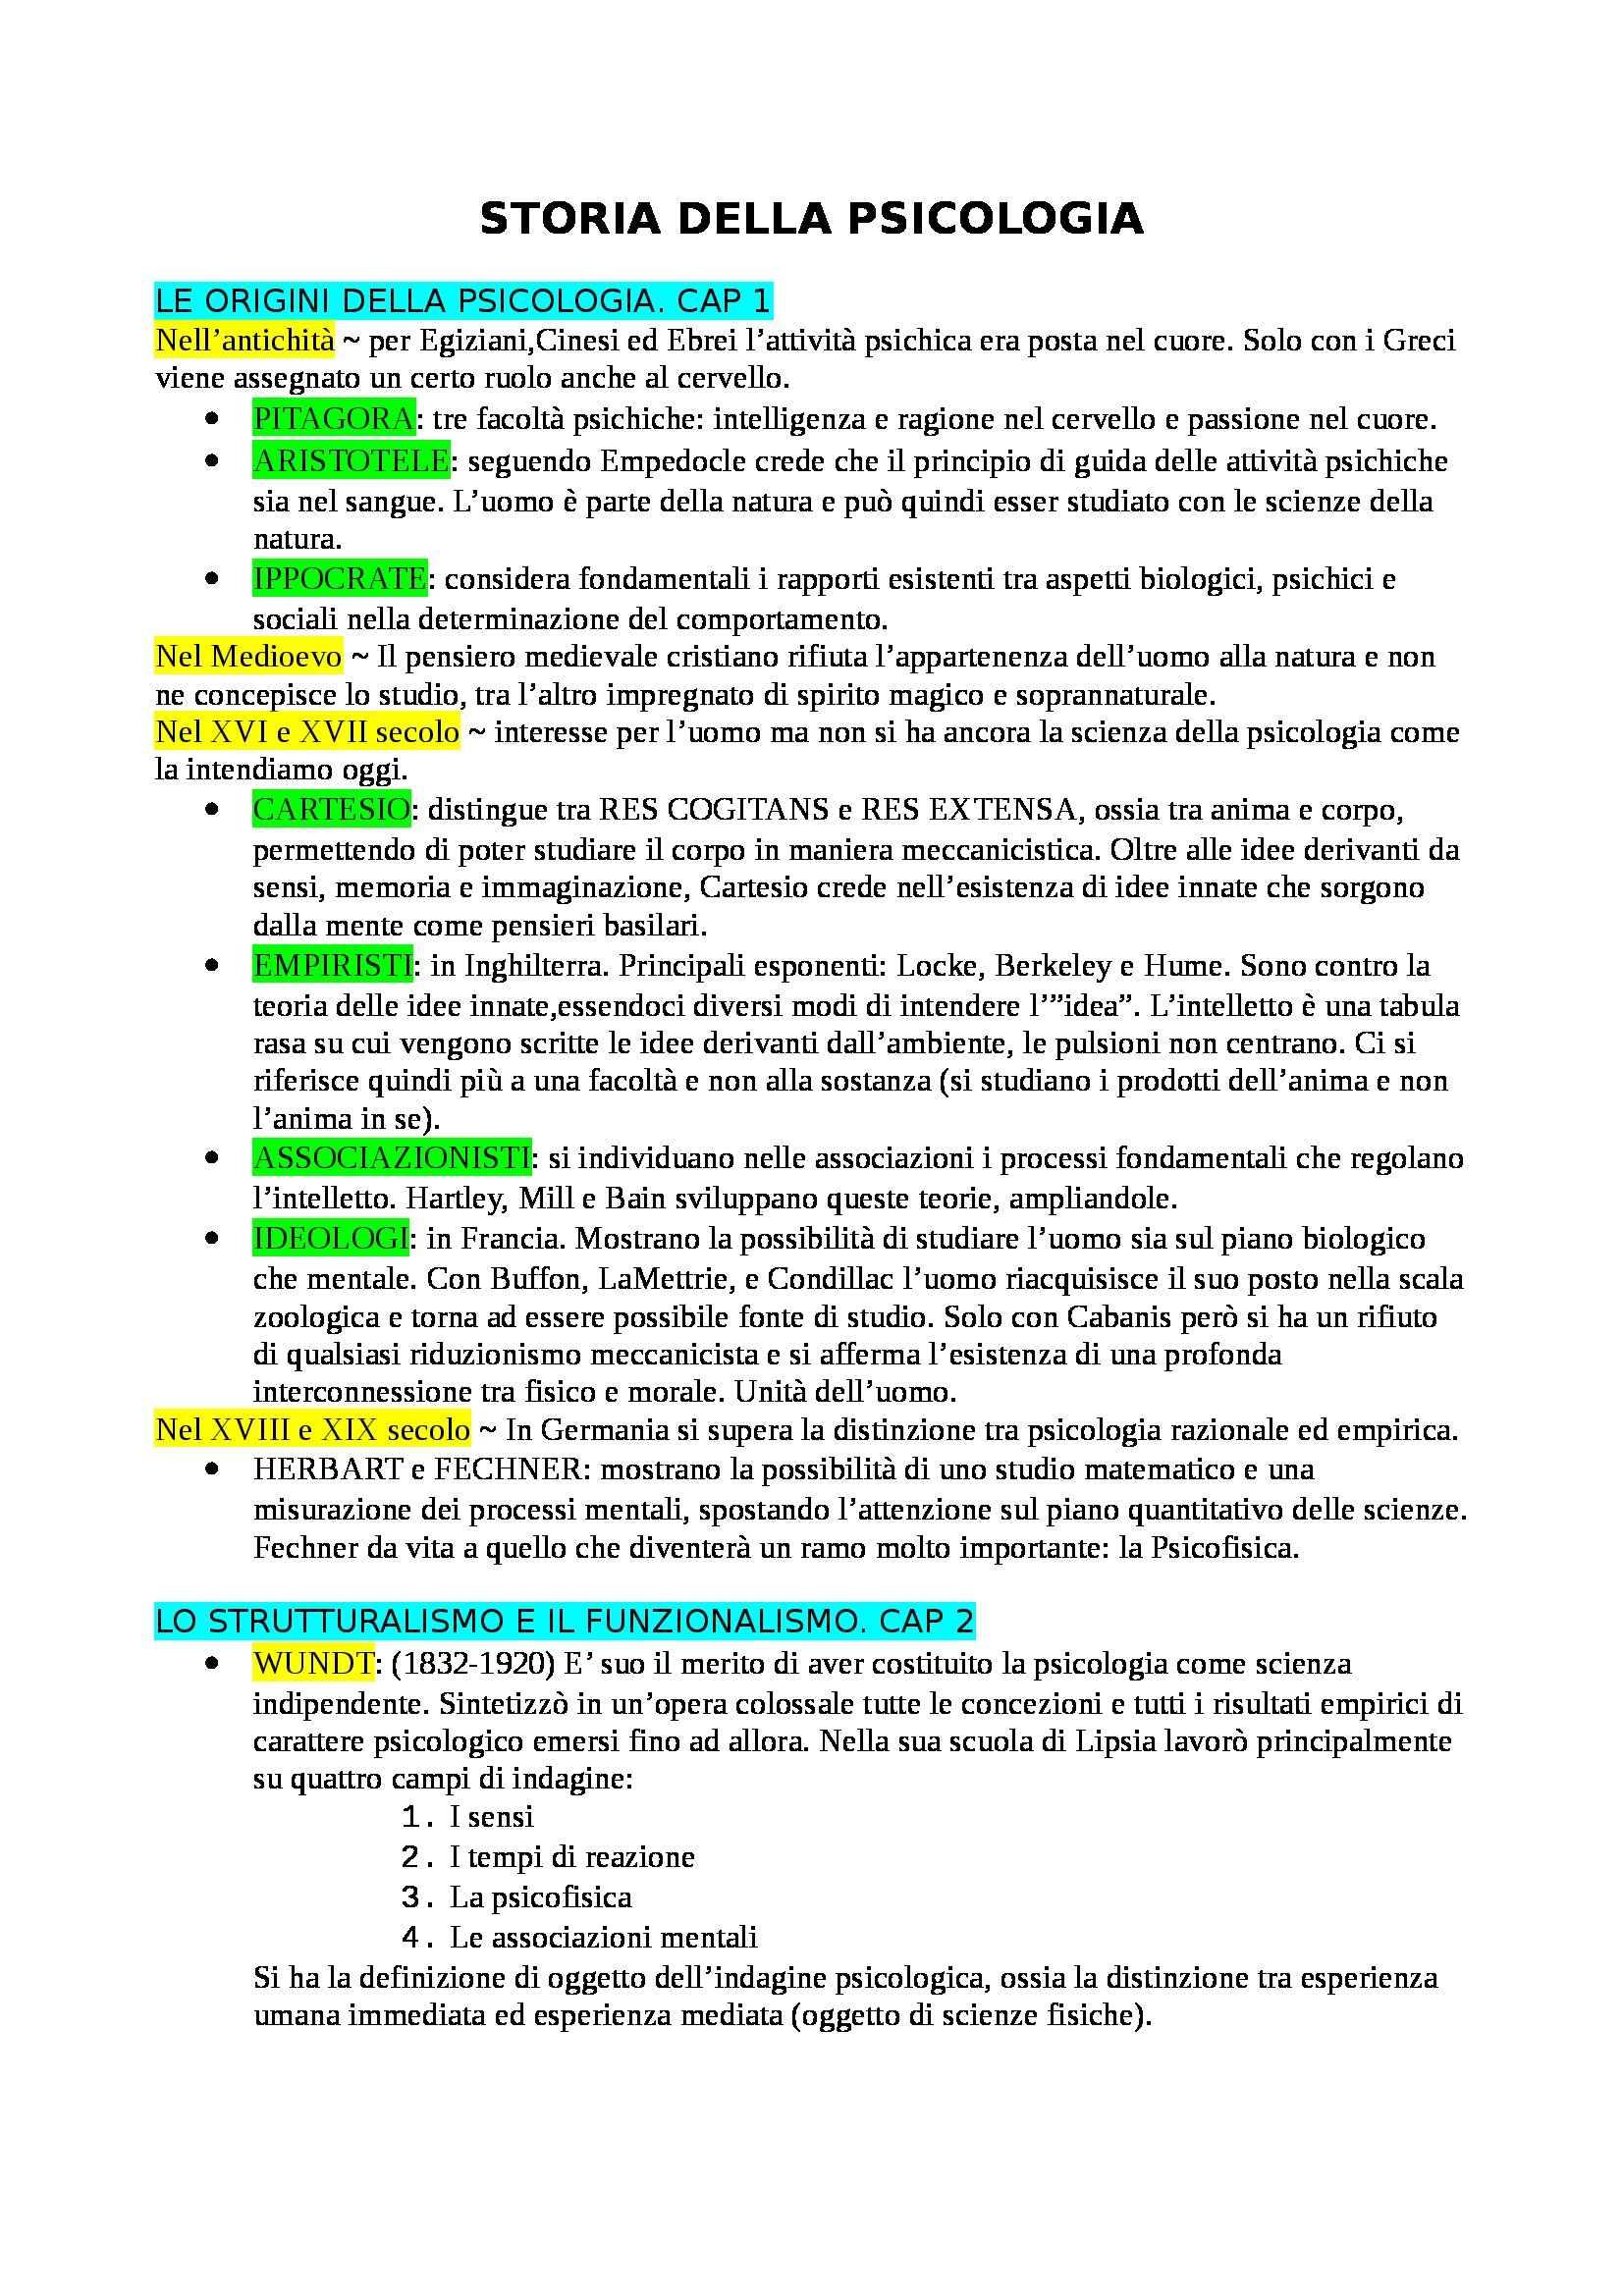 Riassunto esame Storia della Psicologia, prof. Ceccarelli, libro consigliato Storia della Psicologia, di Legrenzi